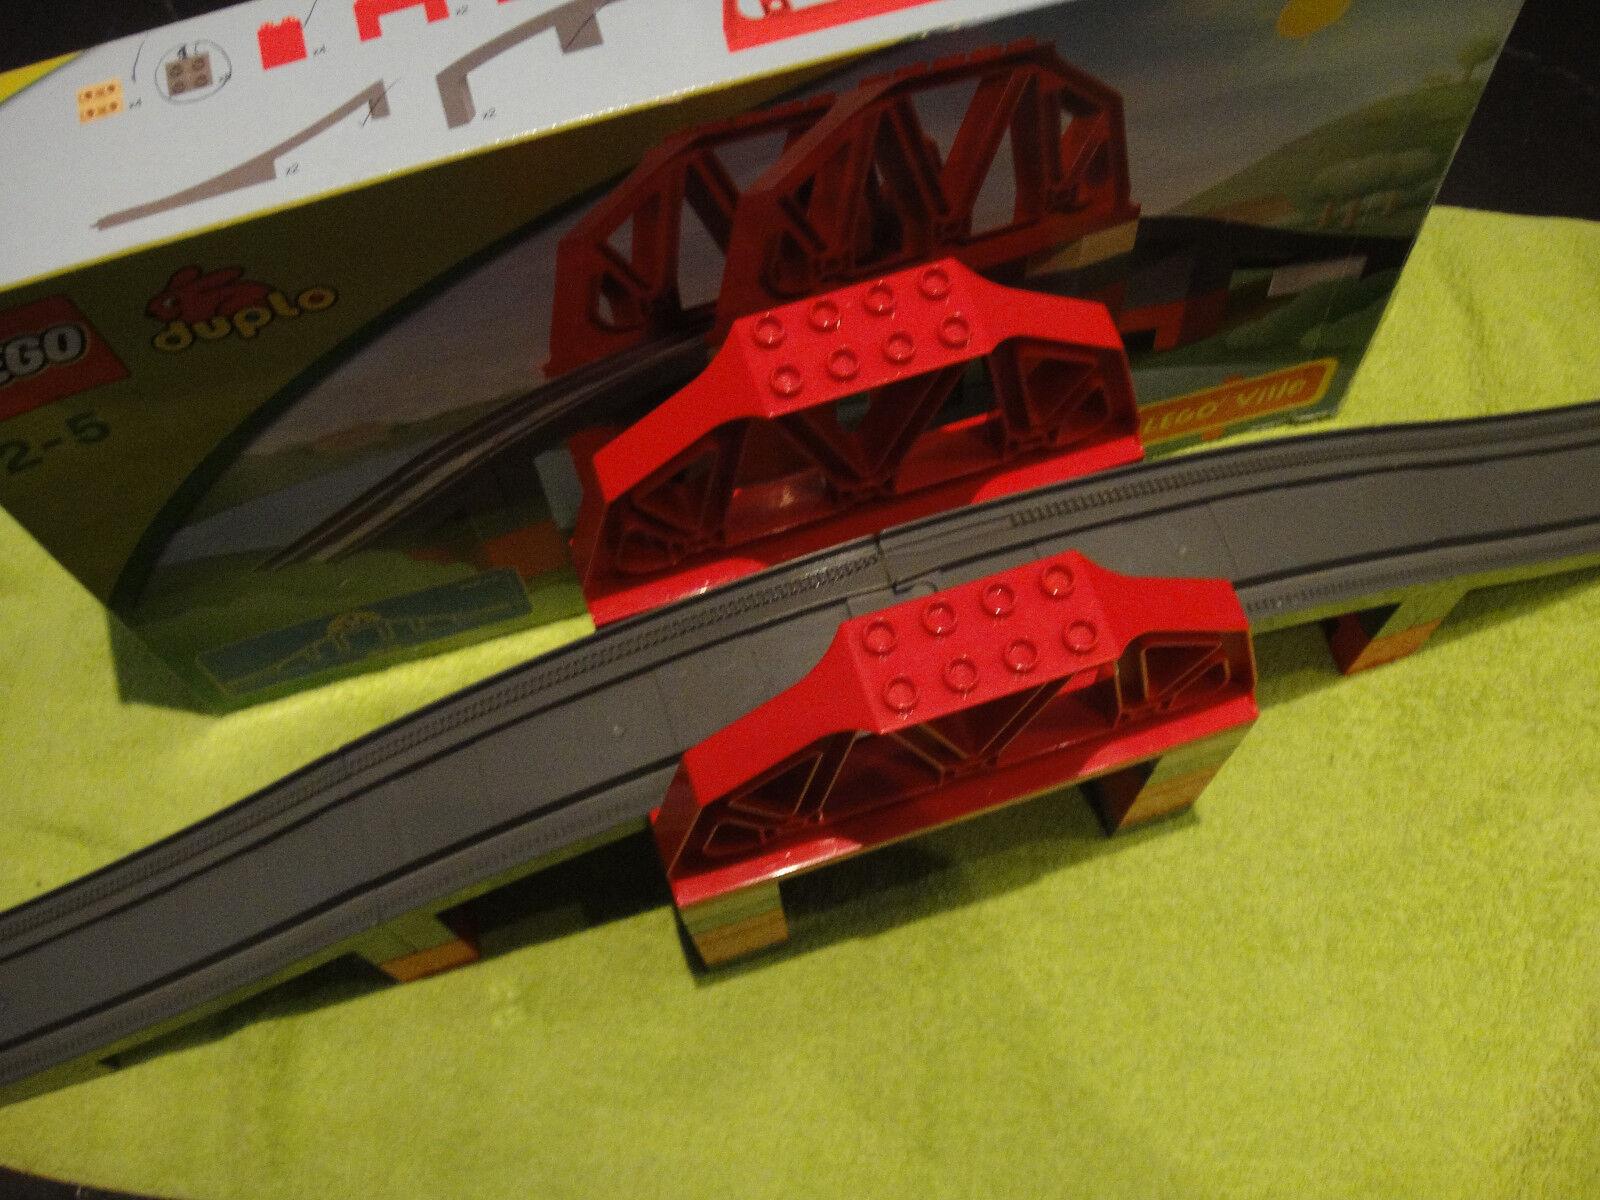 3774 Lego Duplo Brücke Rotes Geländer Grau XXL Eisenbahn  mit OVP komplett